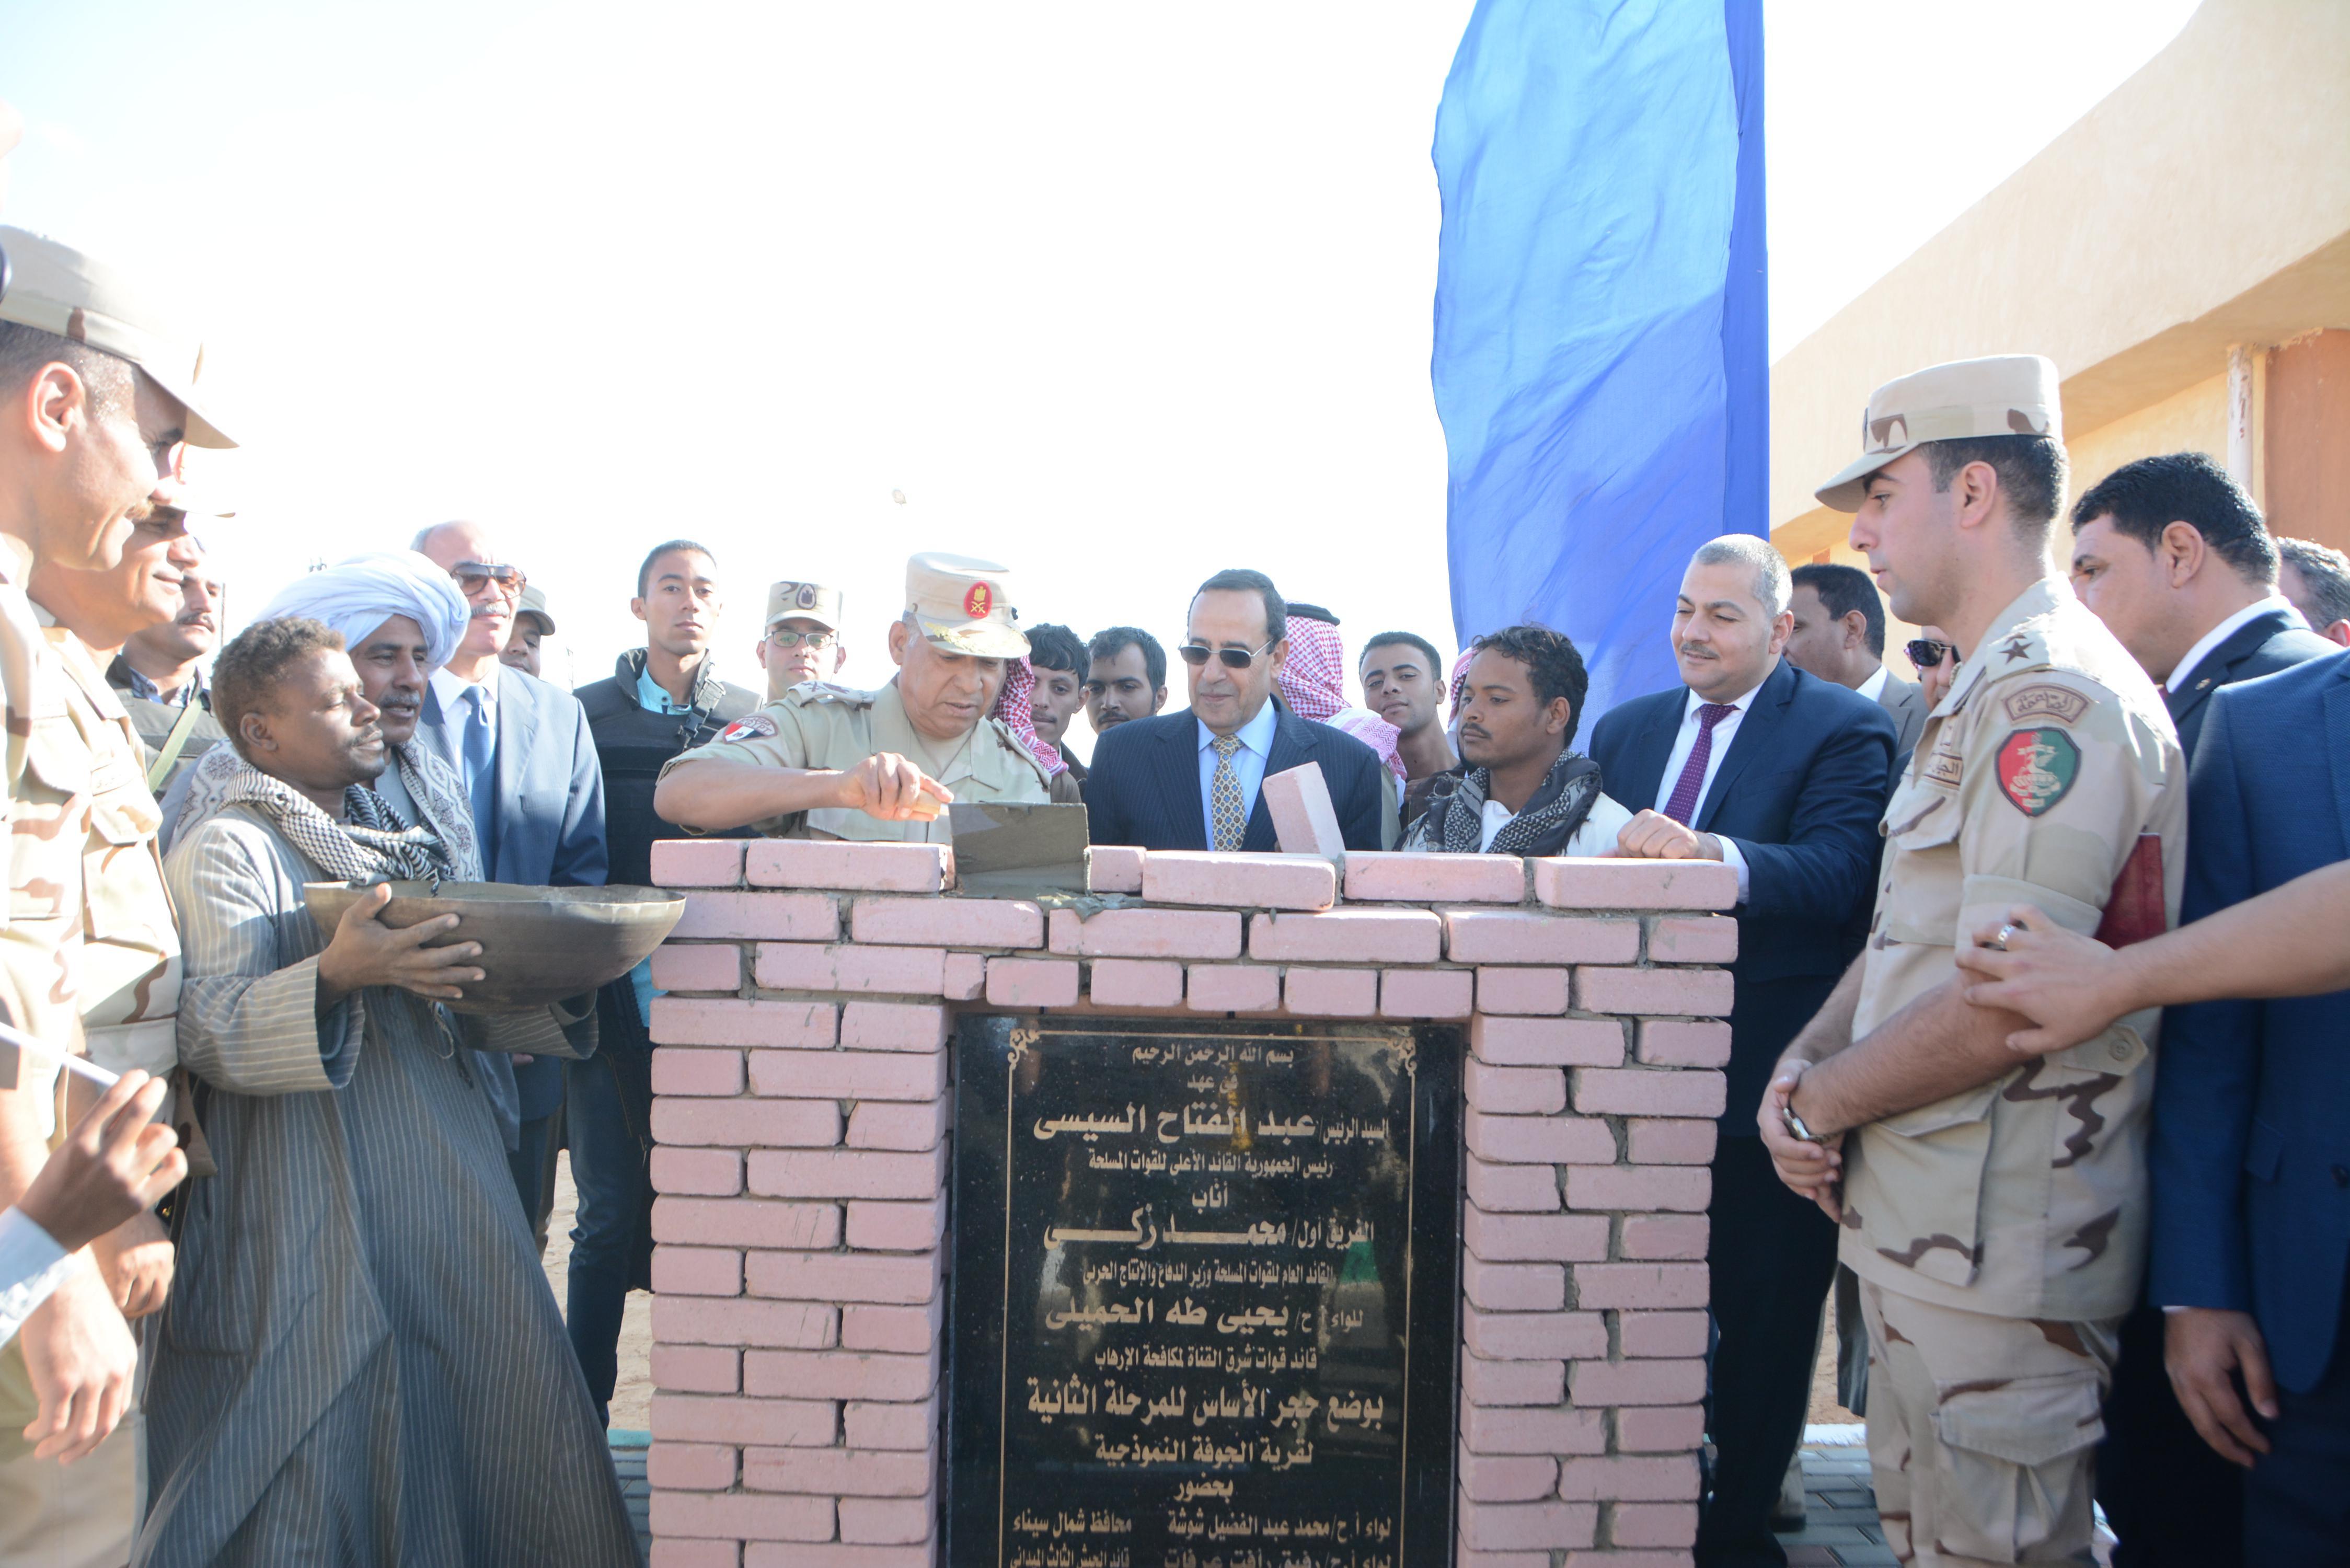 القوات المسلحة تنشئ تجمعاً حضارياً جديداً بوسط سيناء (5)